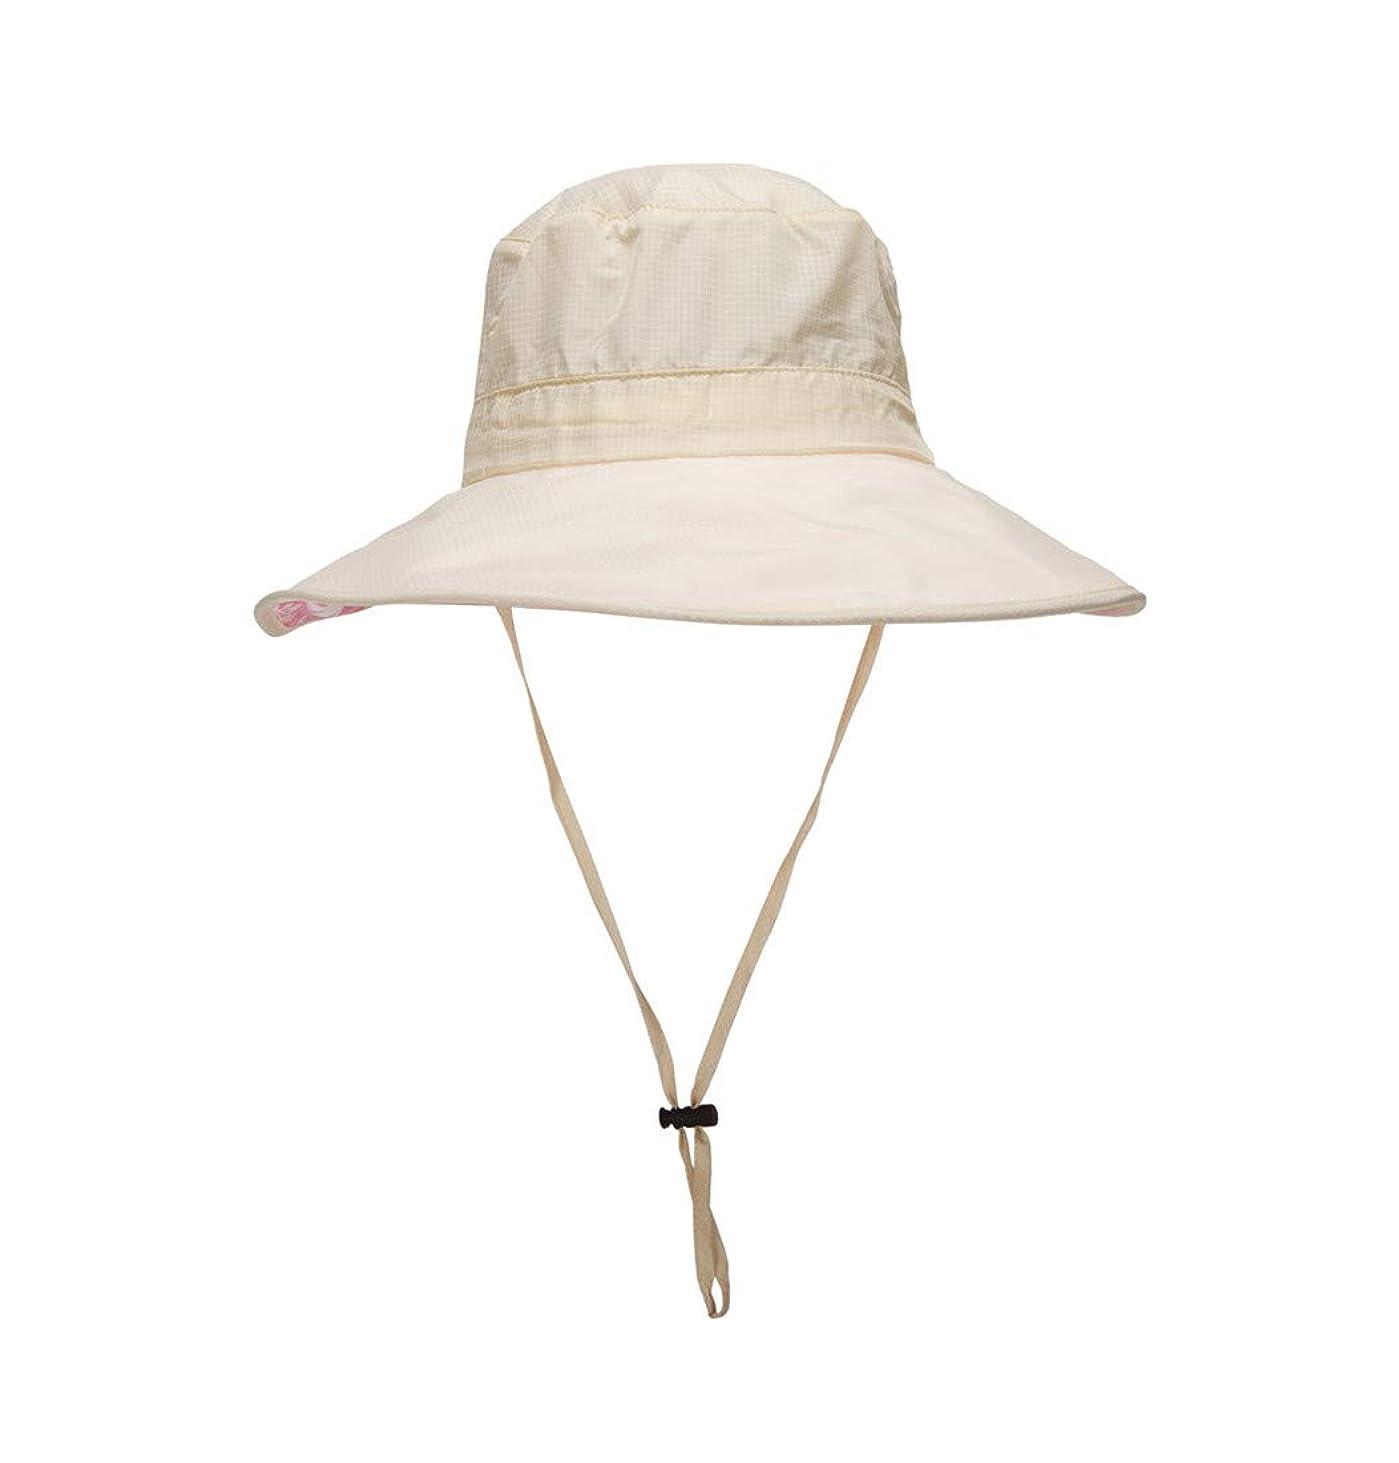 敗北抵抗力がある加速する(コネクタイル)Connectyle メンズ レディース つば広 サファリハット メッシュ アウトドア 折りたたみ UVカット 防水 帽子 夏 釣り帽